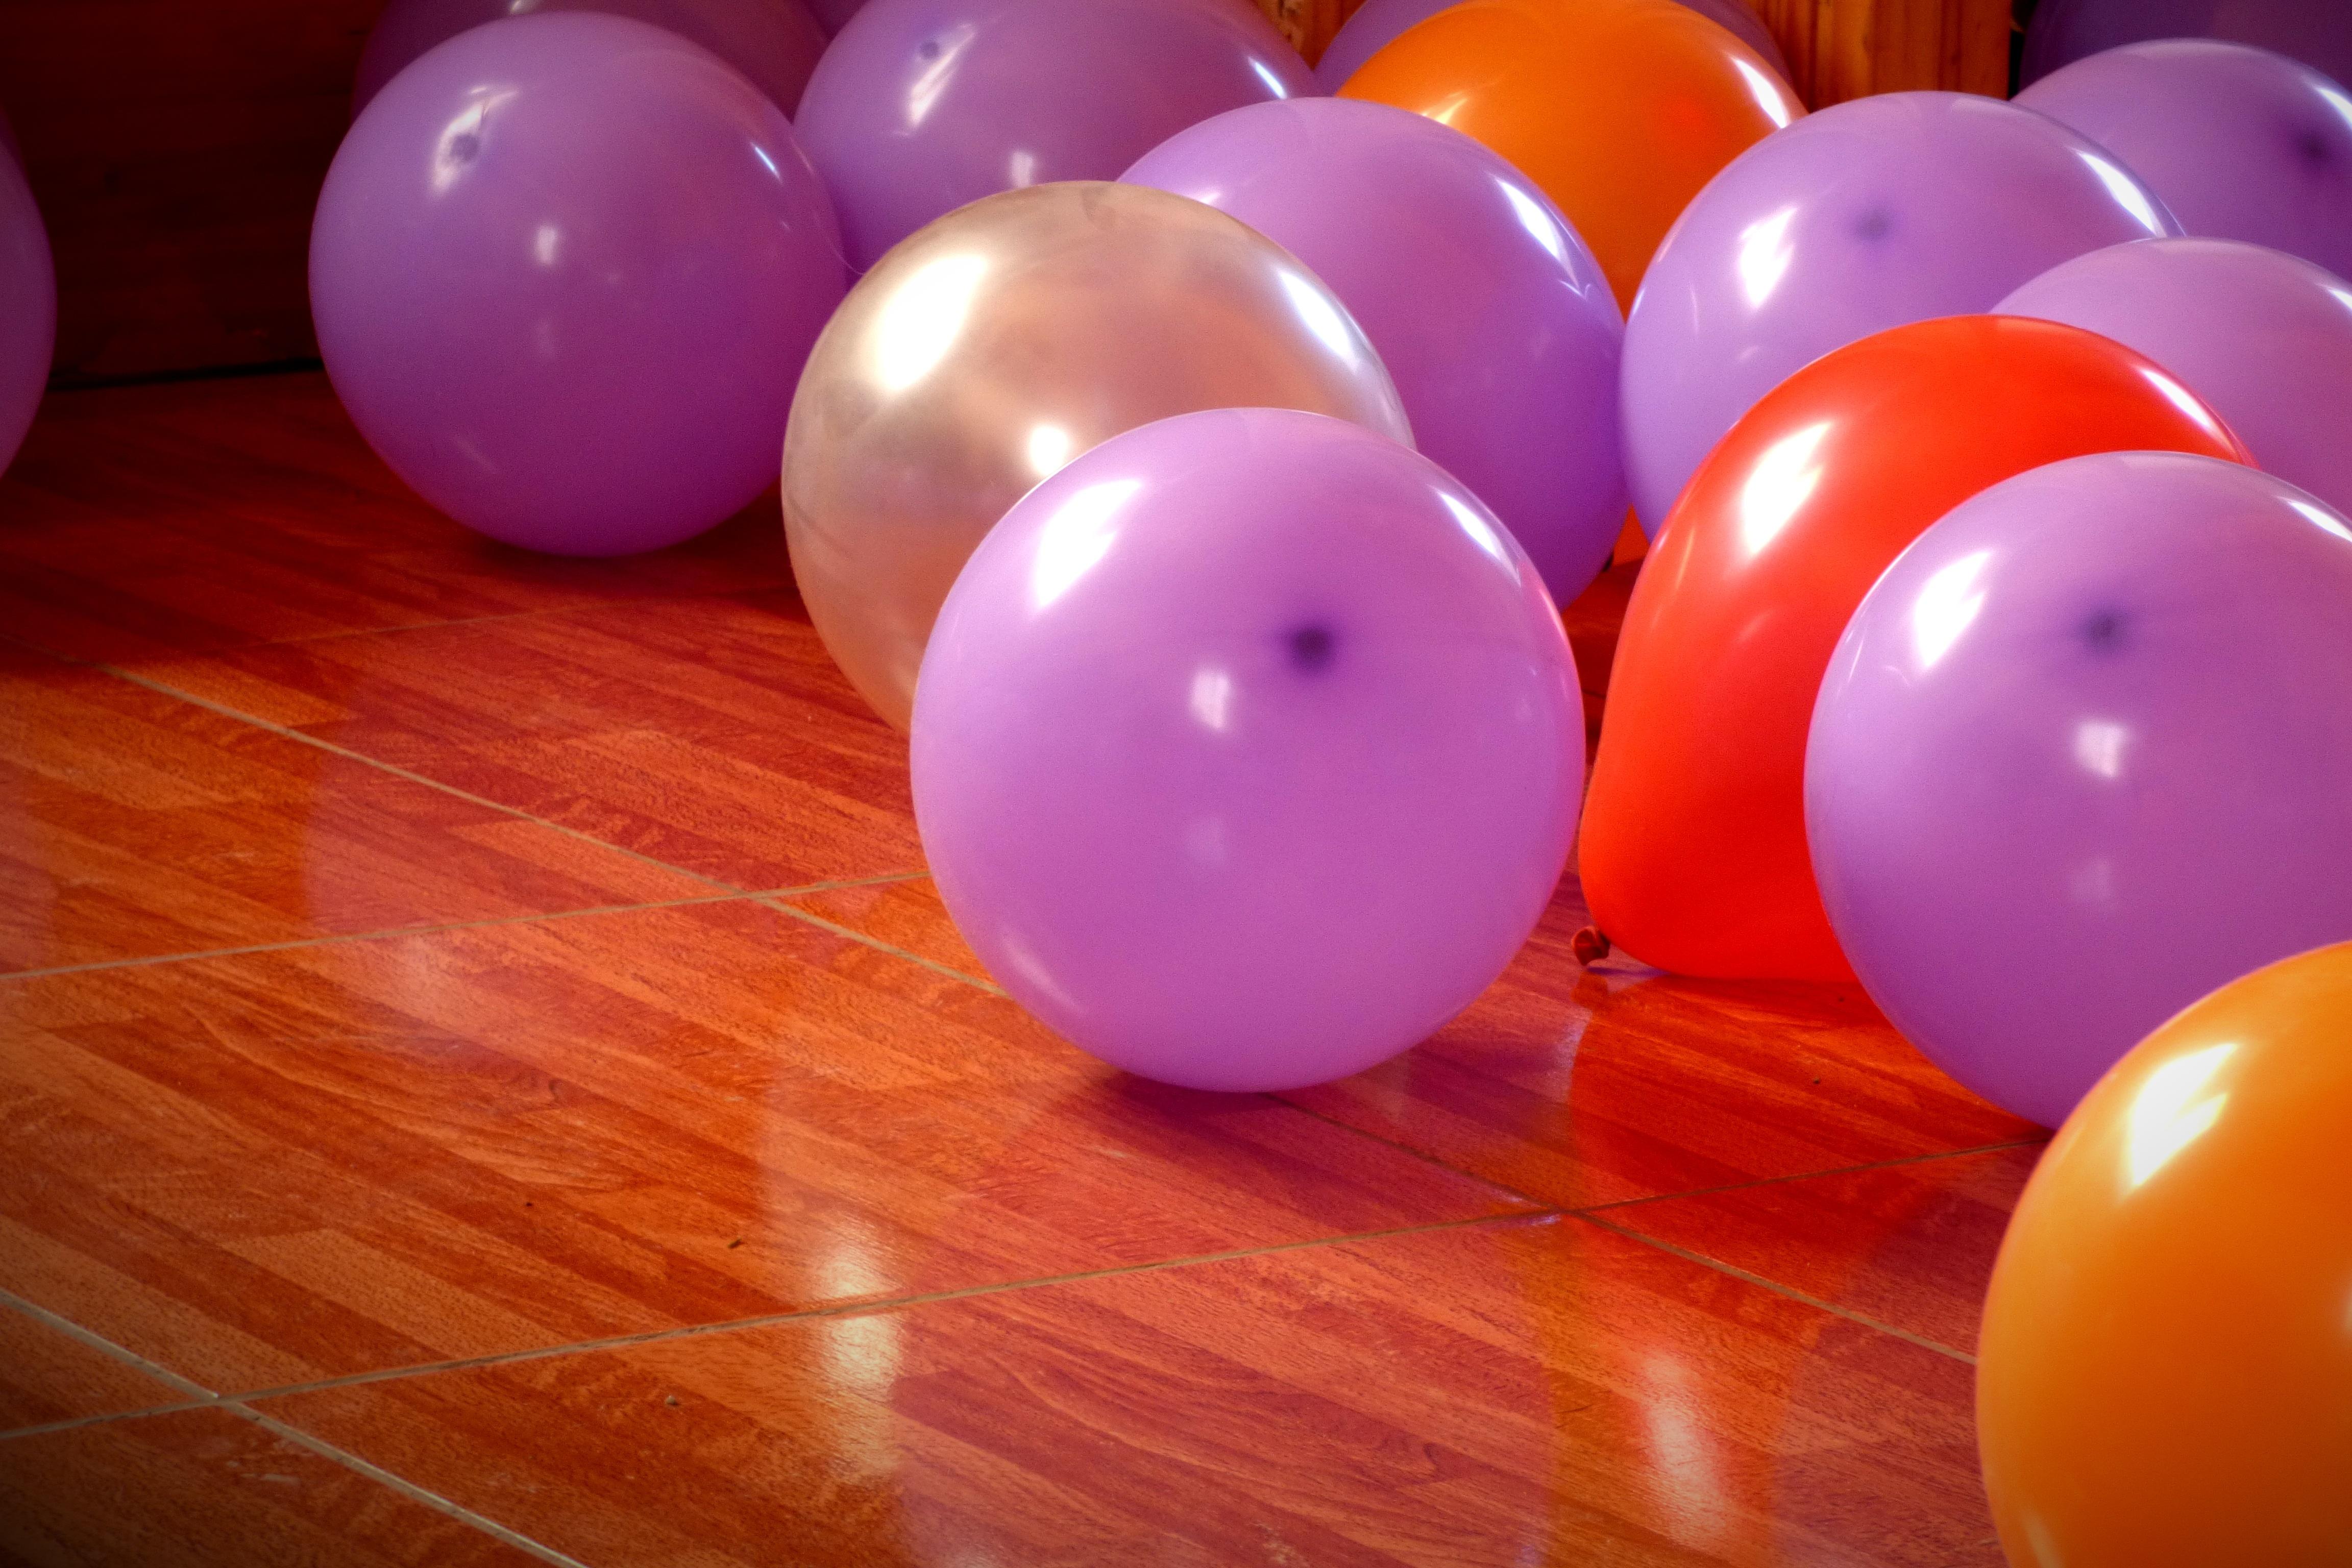 Fotos gratis : globo, color, juguete, colores, Violeta, Globos ...